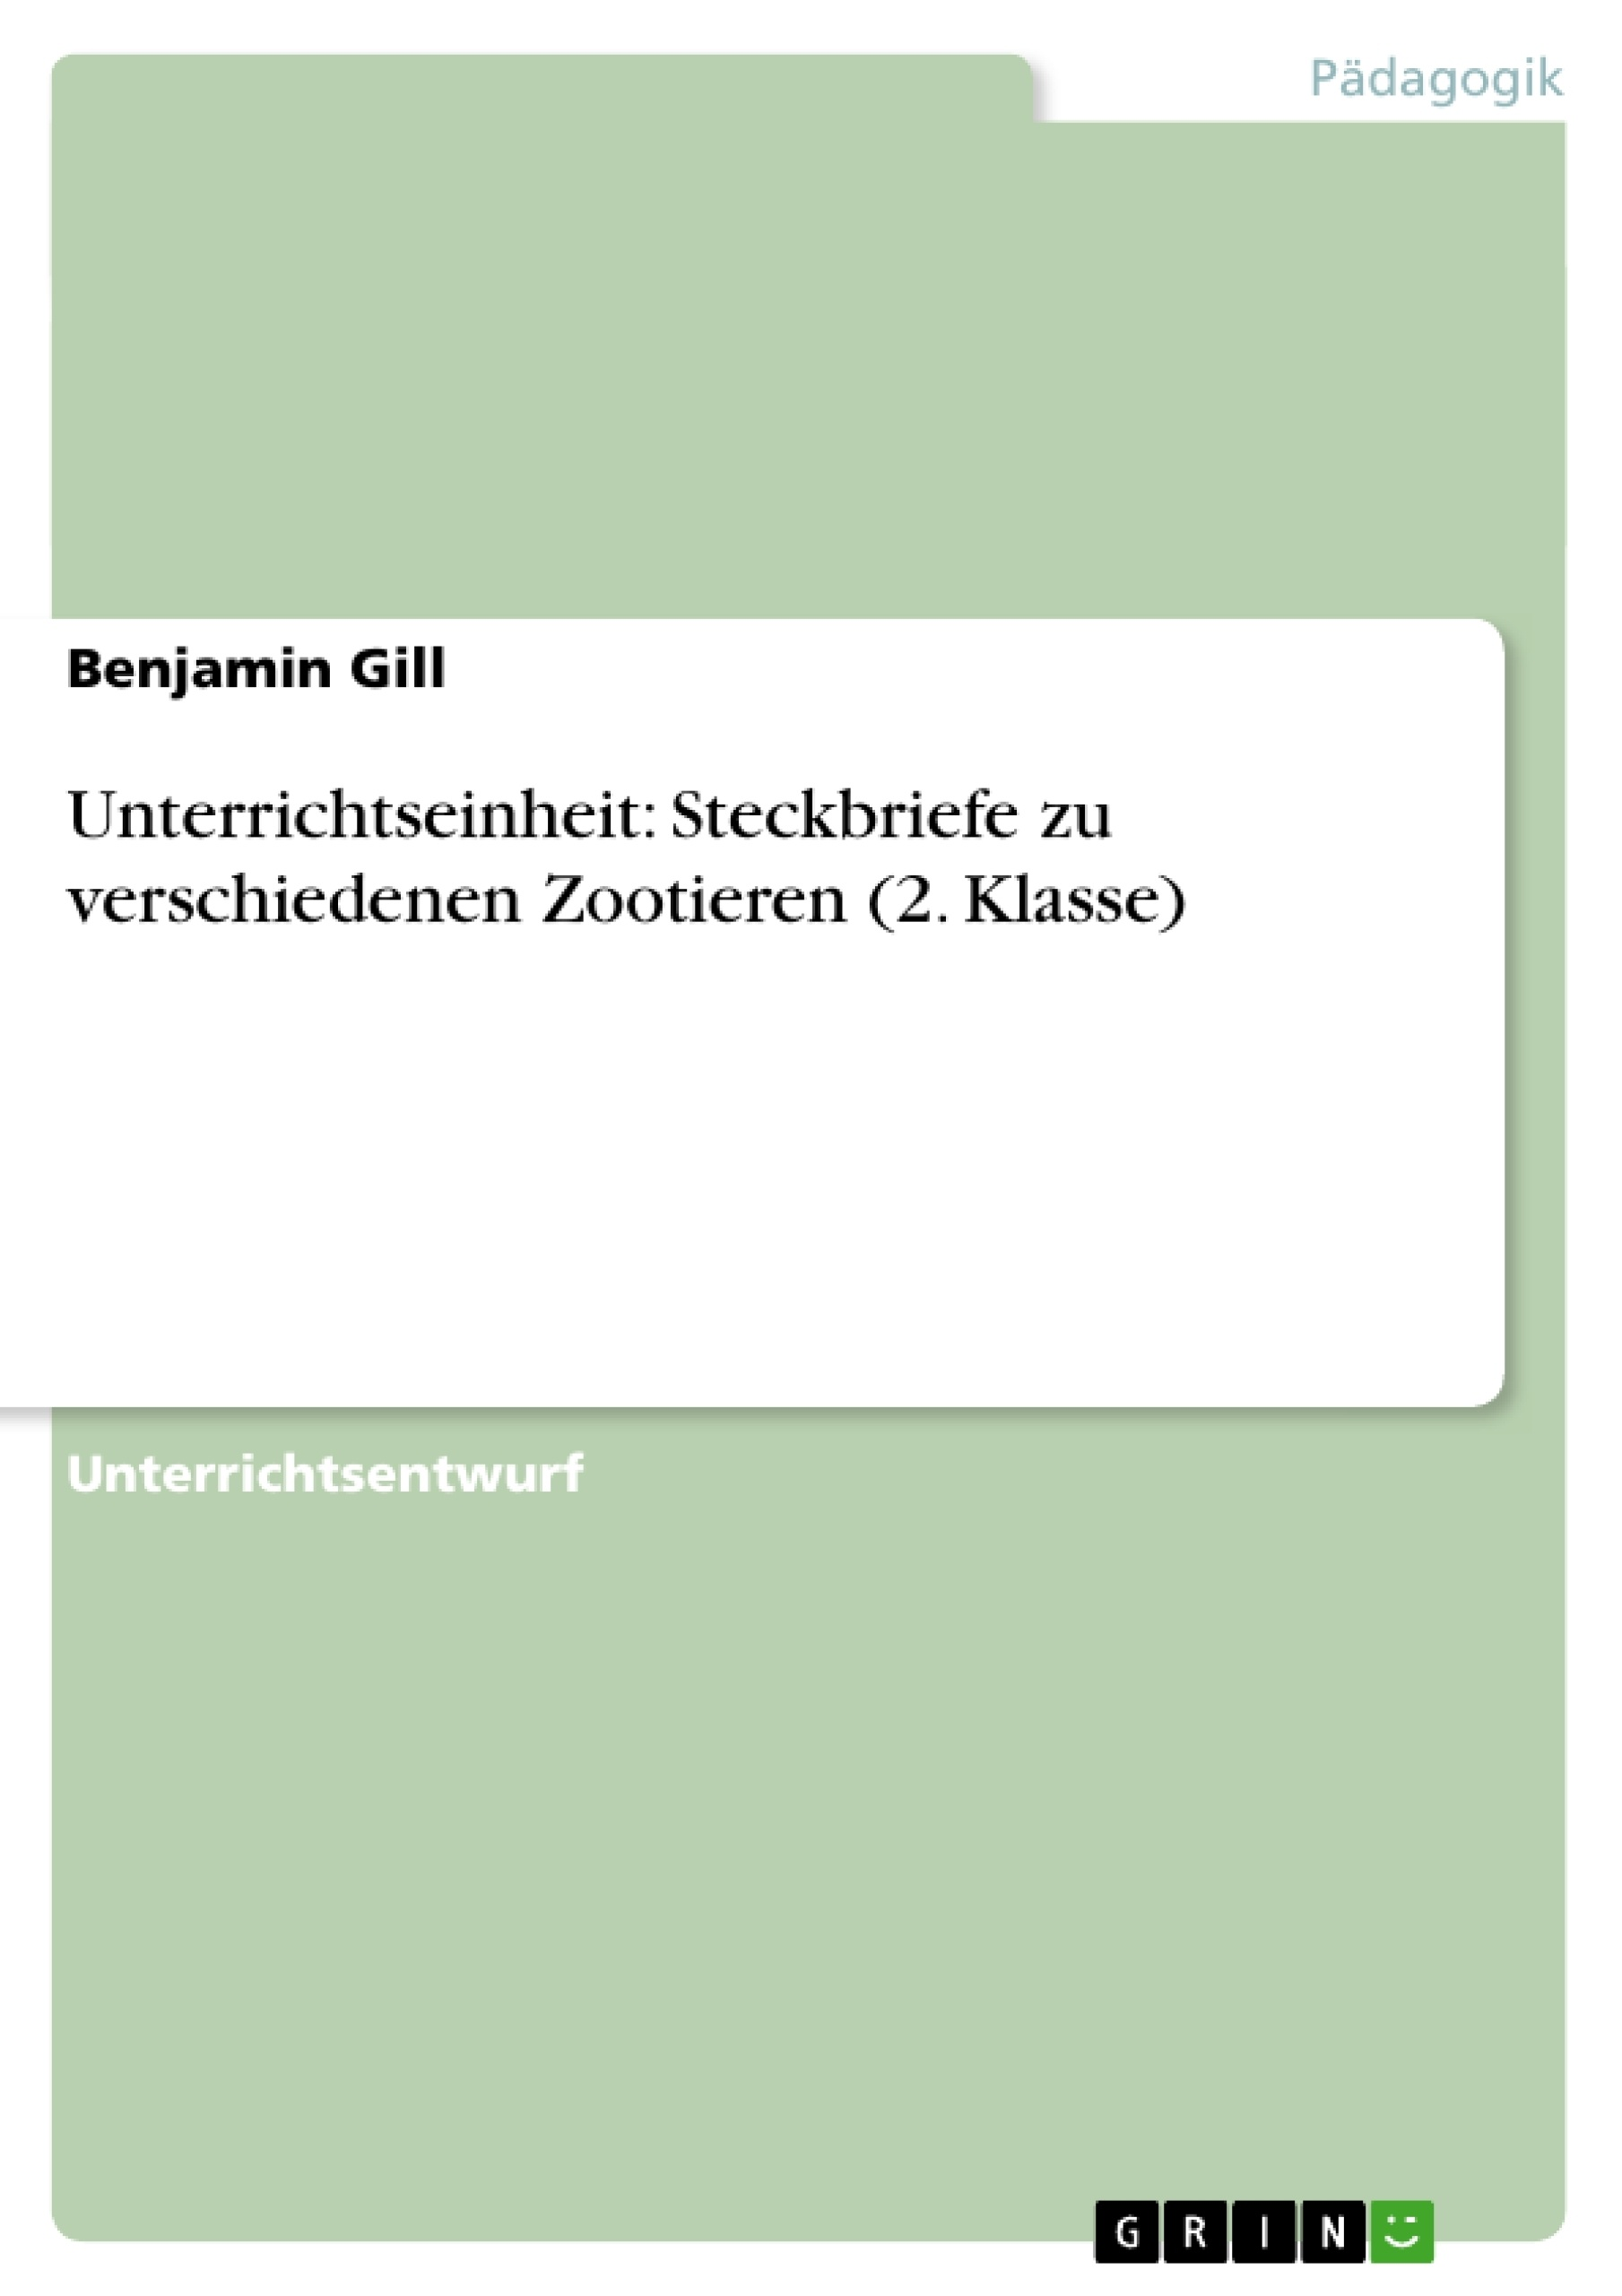 Titel: Unterrichtseinheit: Steckbriefe zu verschiedenen Zootieren (2. Klasse)